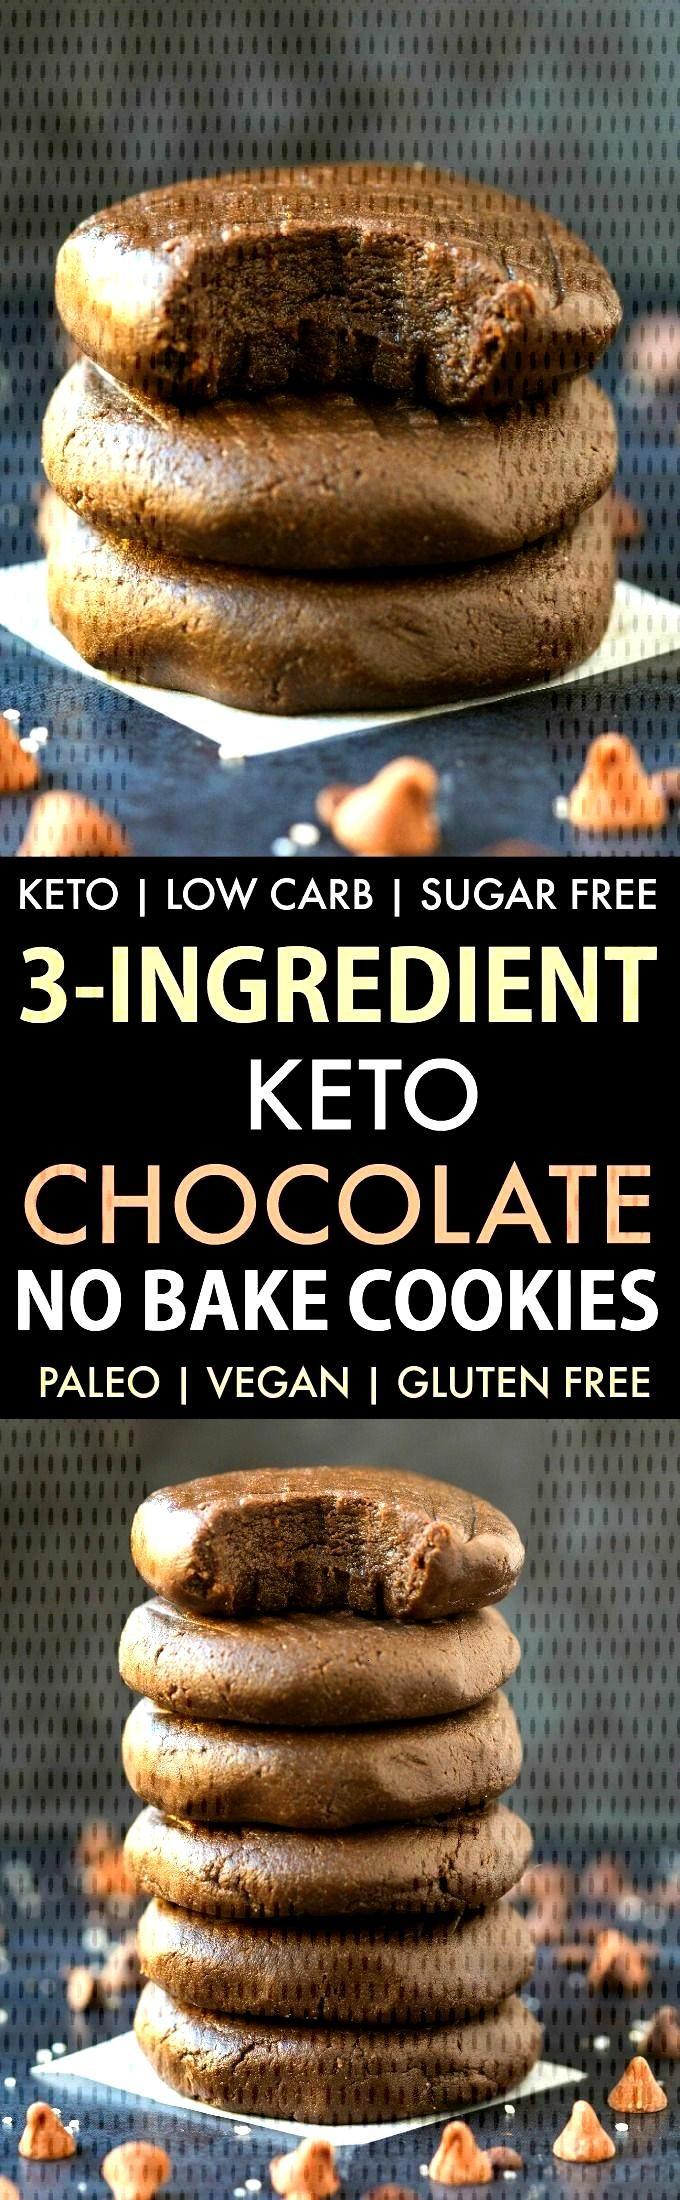 3-Ingredient Low Carb Keto Chocolate No Bake Cookies (Paleo, Vegan, Sugar Free) -... 3-Ingredient L